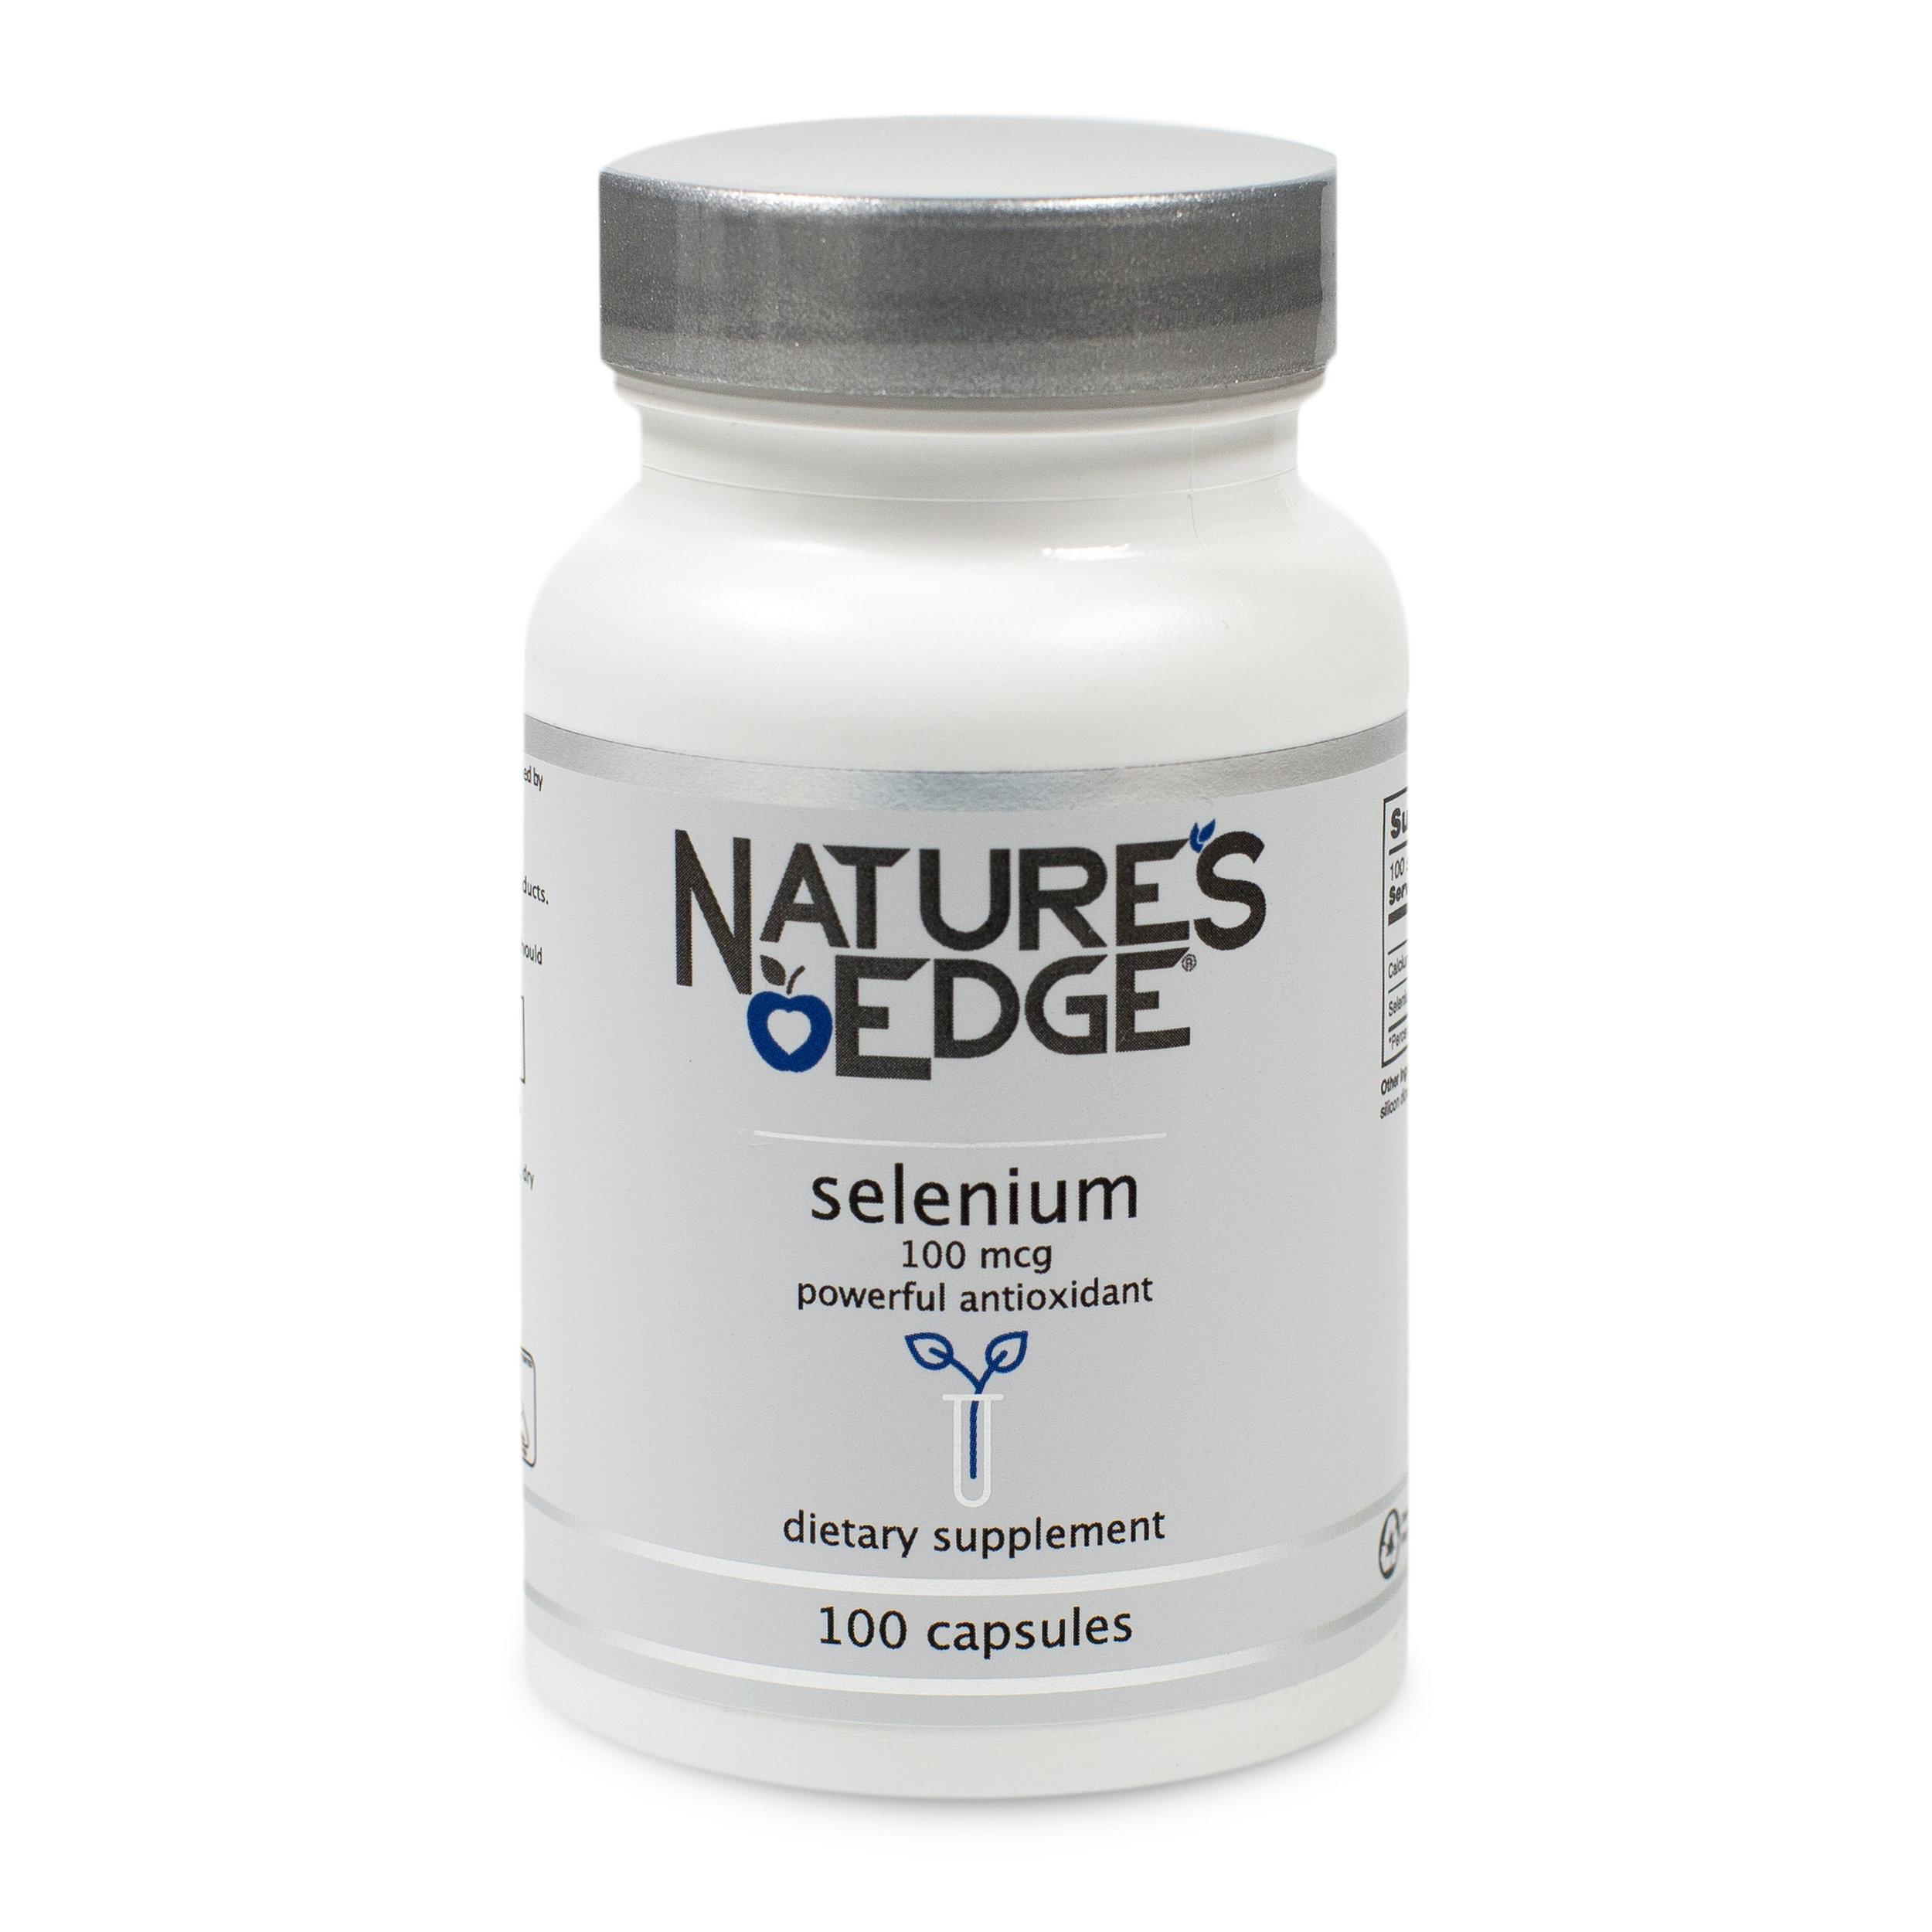 NaturesEdge_3000px_Selenium_1 (2).jpg